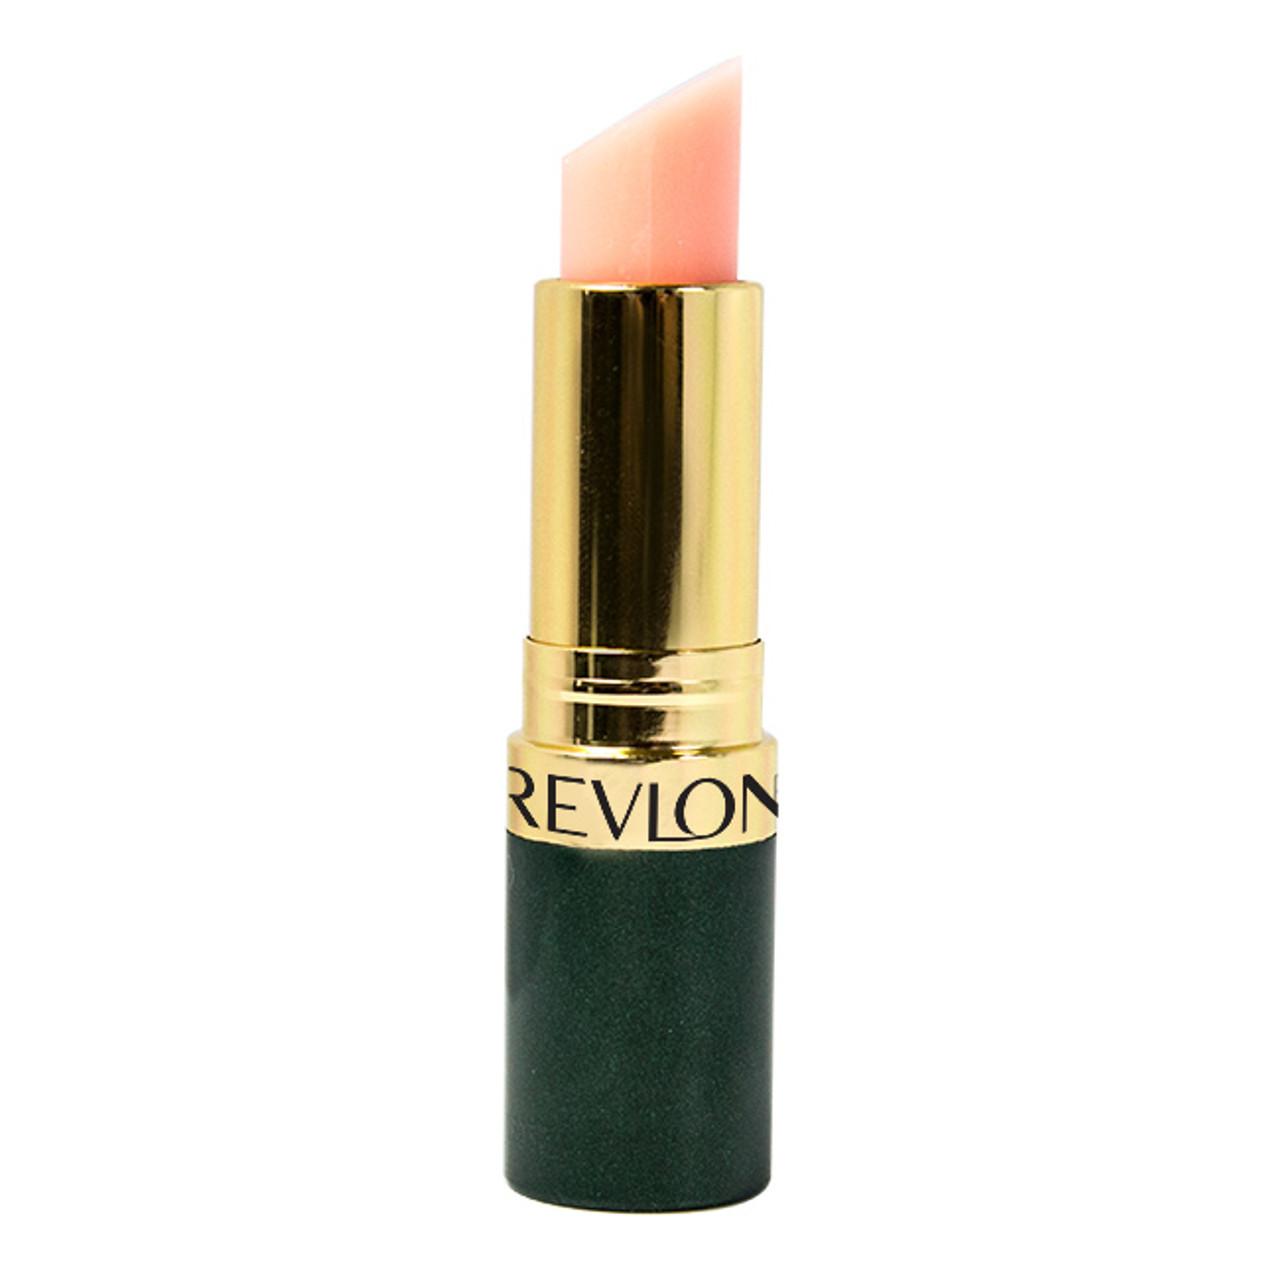 Revlon Moon Drops Lip Conditioner